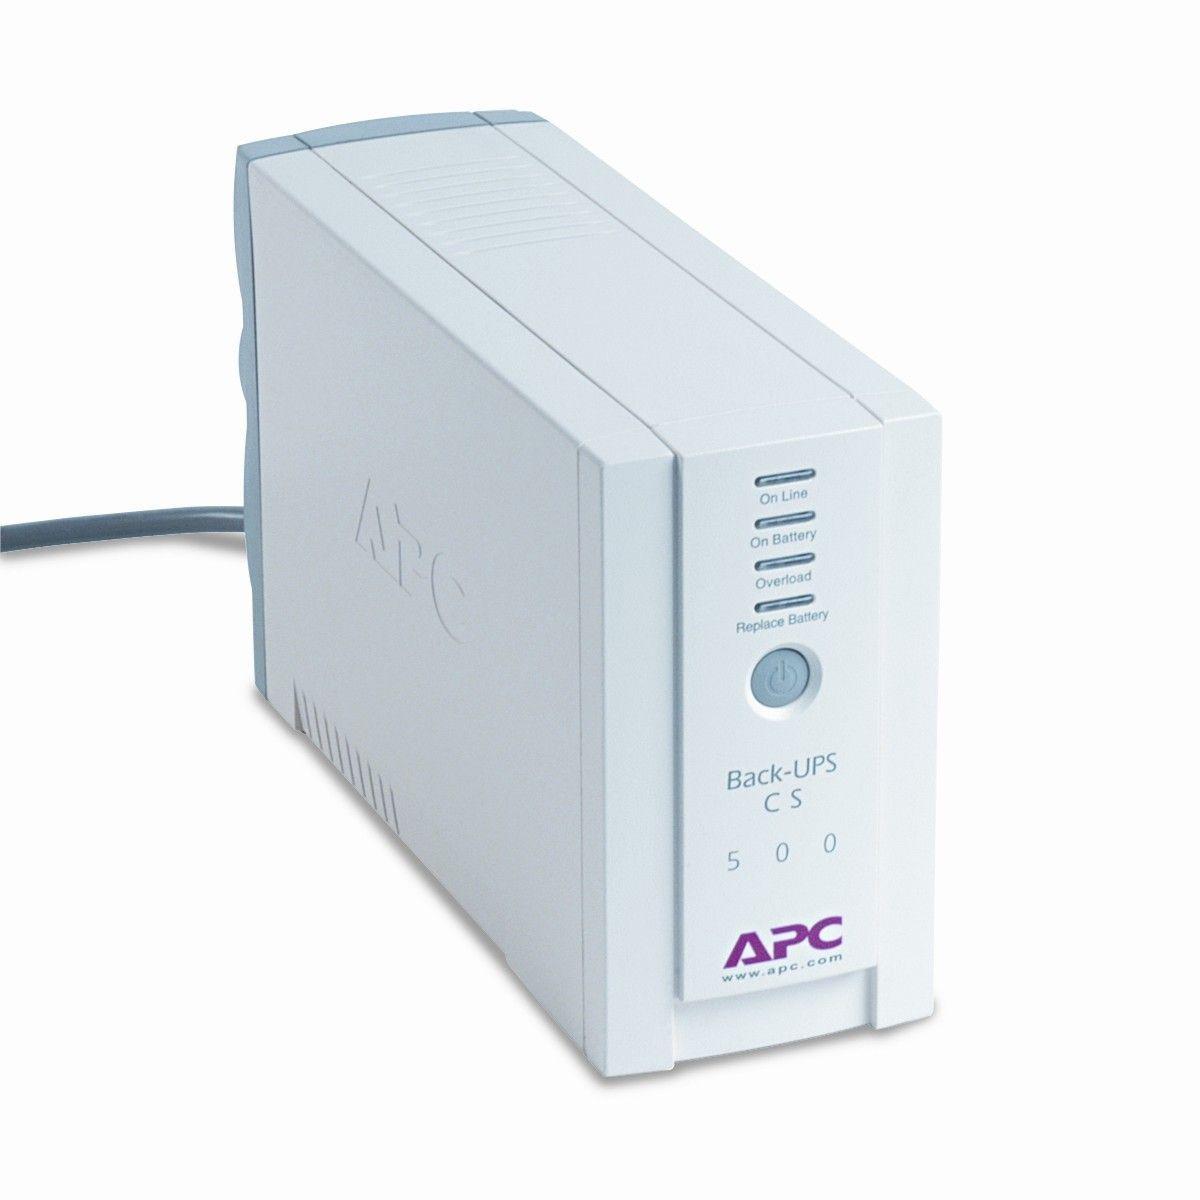 Back-UPS CS Battery Backup System Six-Outlet 500 Volt-Amps ...